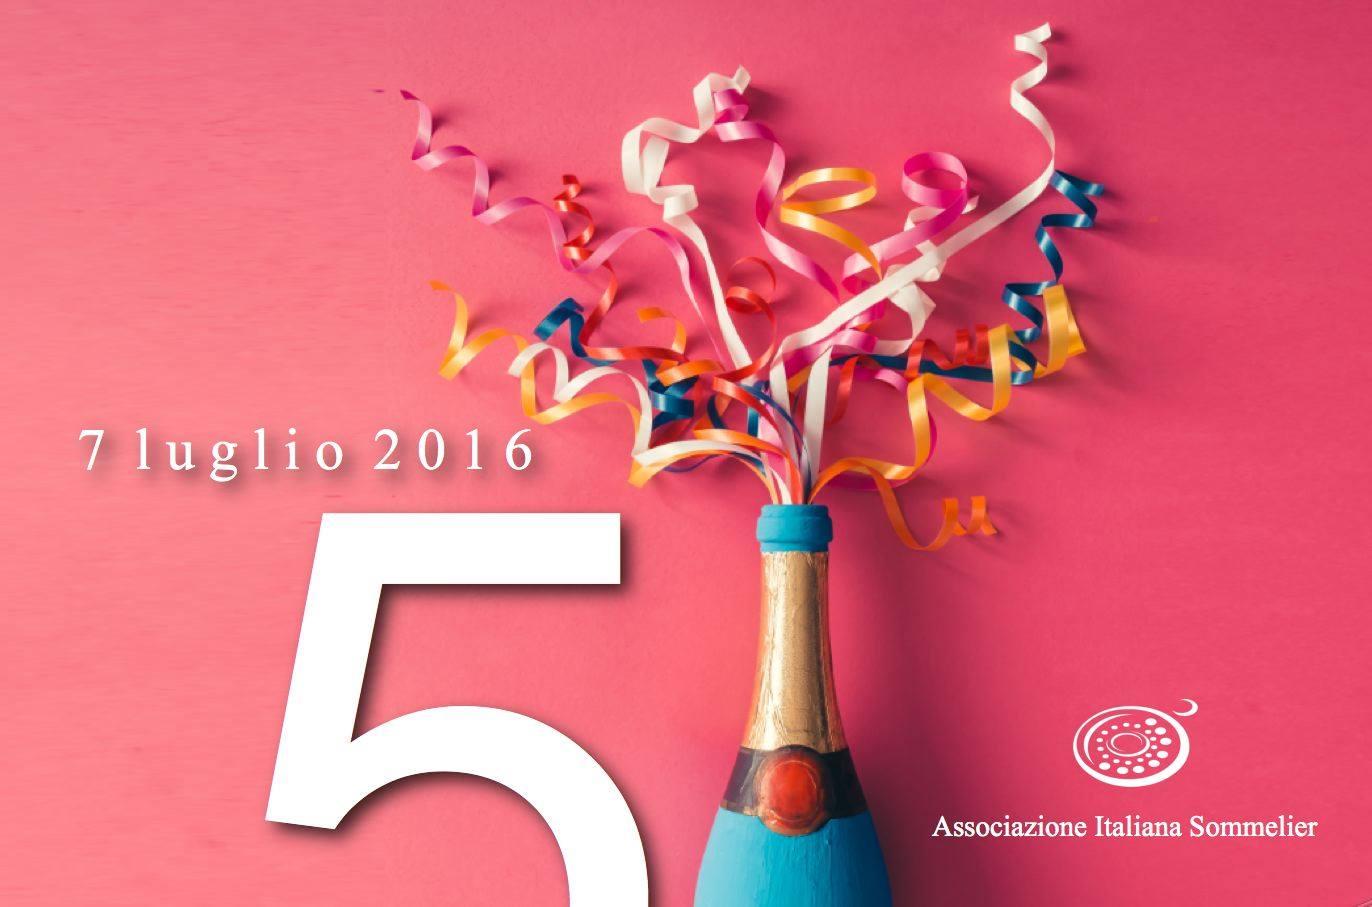 51 Anni Ais Ais Calabria